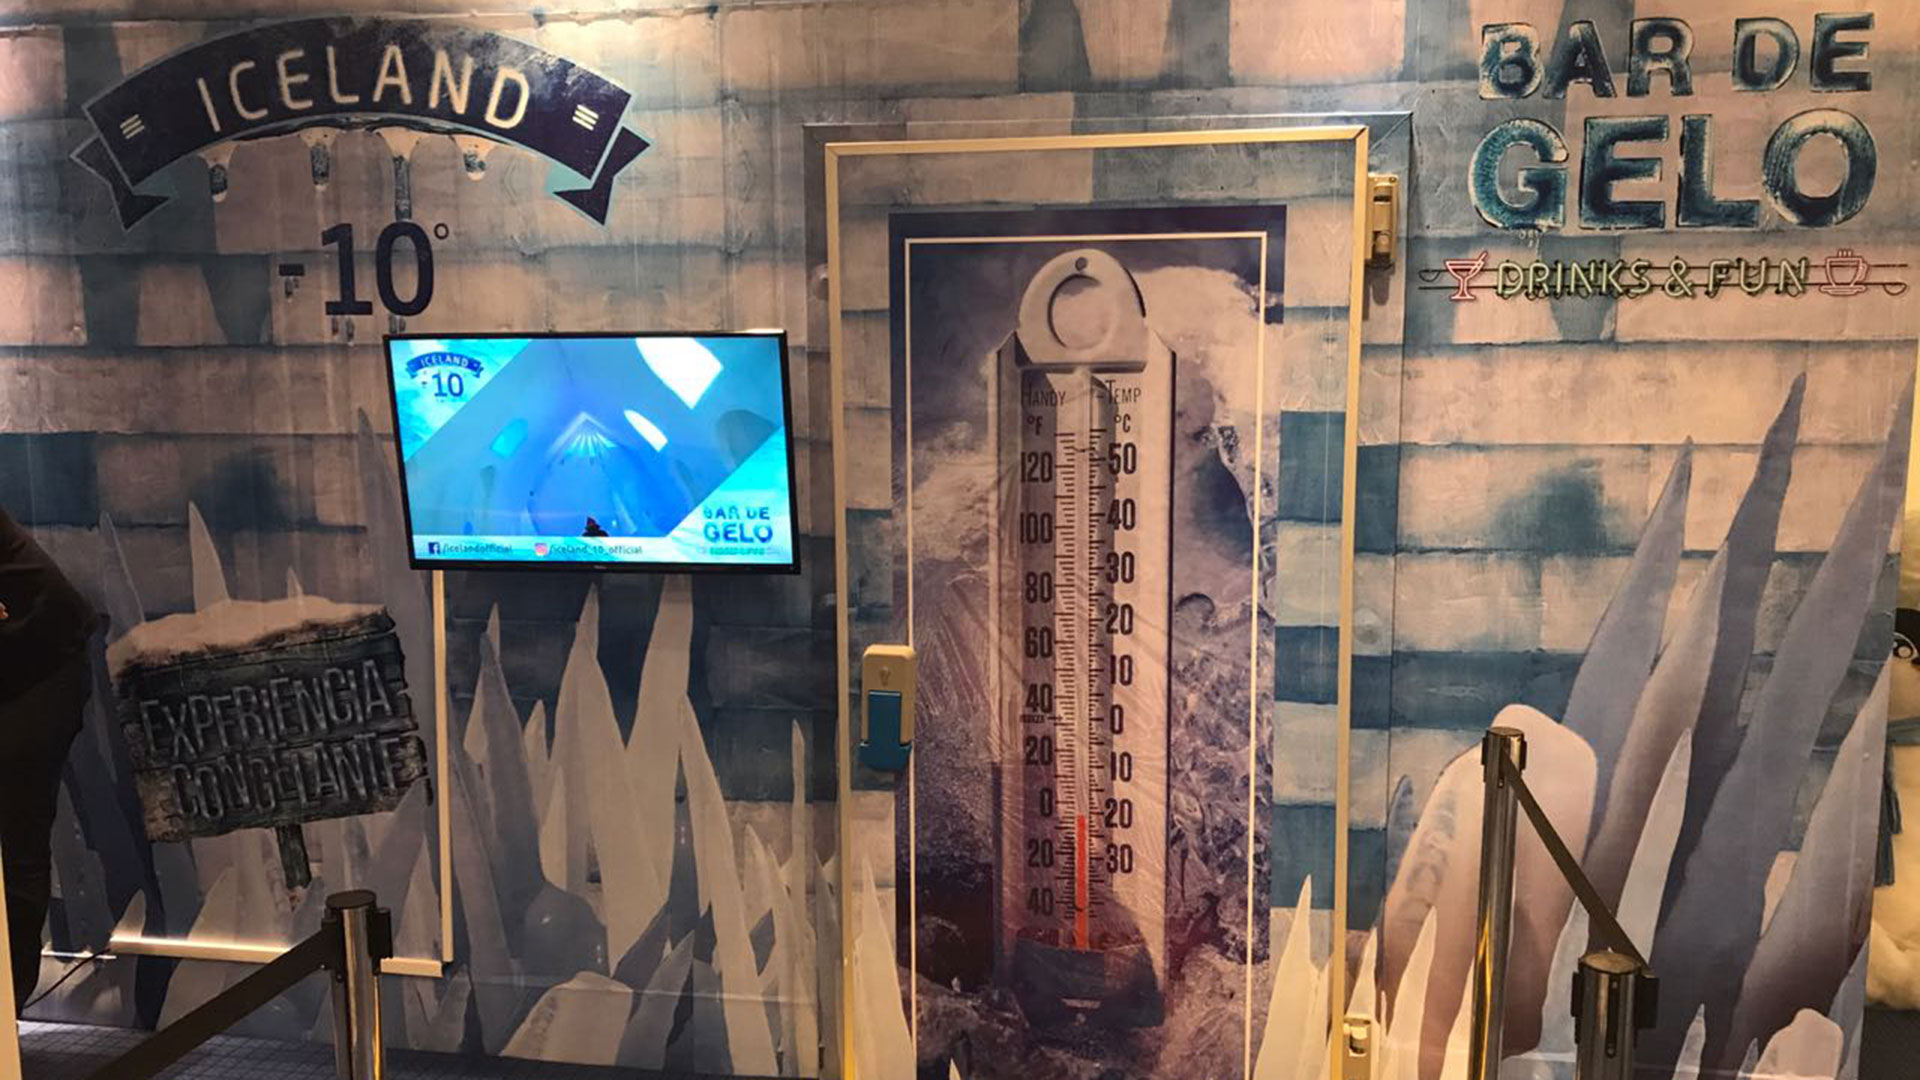 Bar de Gelo BarraShopping® Rio de Janeiro